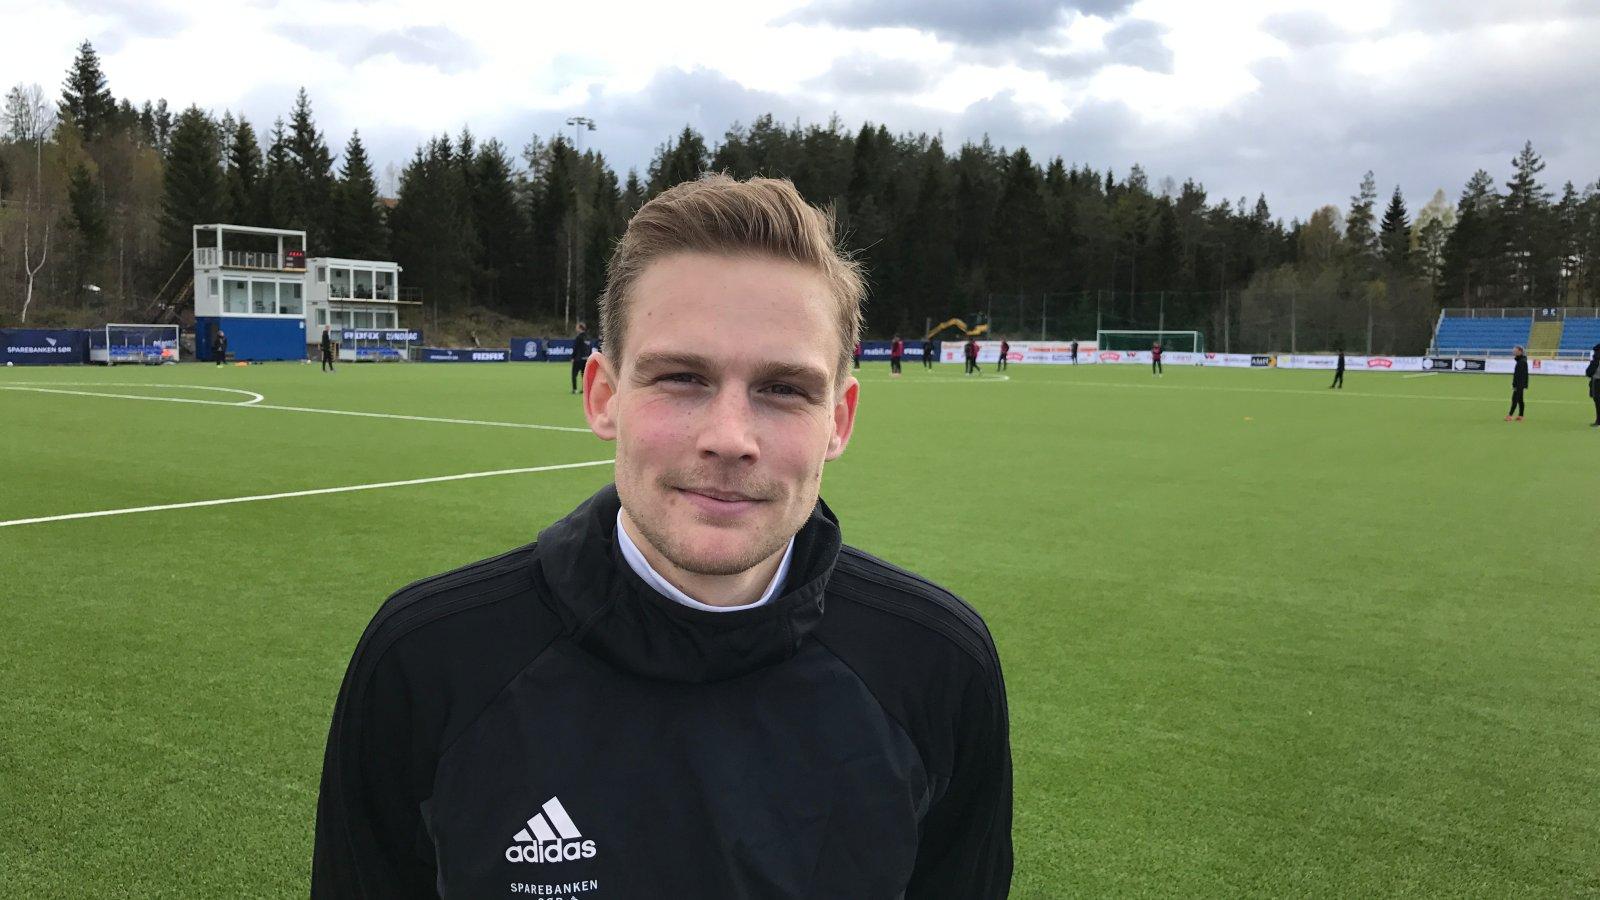 Rasmus Lynge Christensen